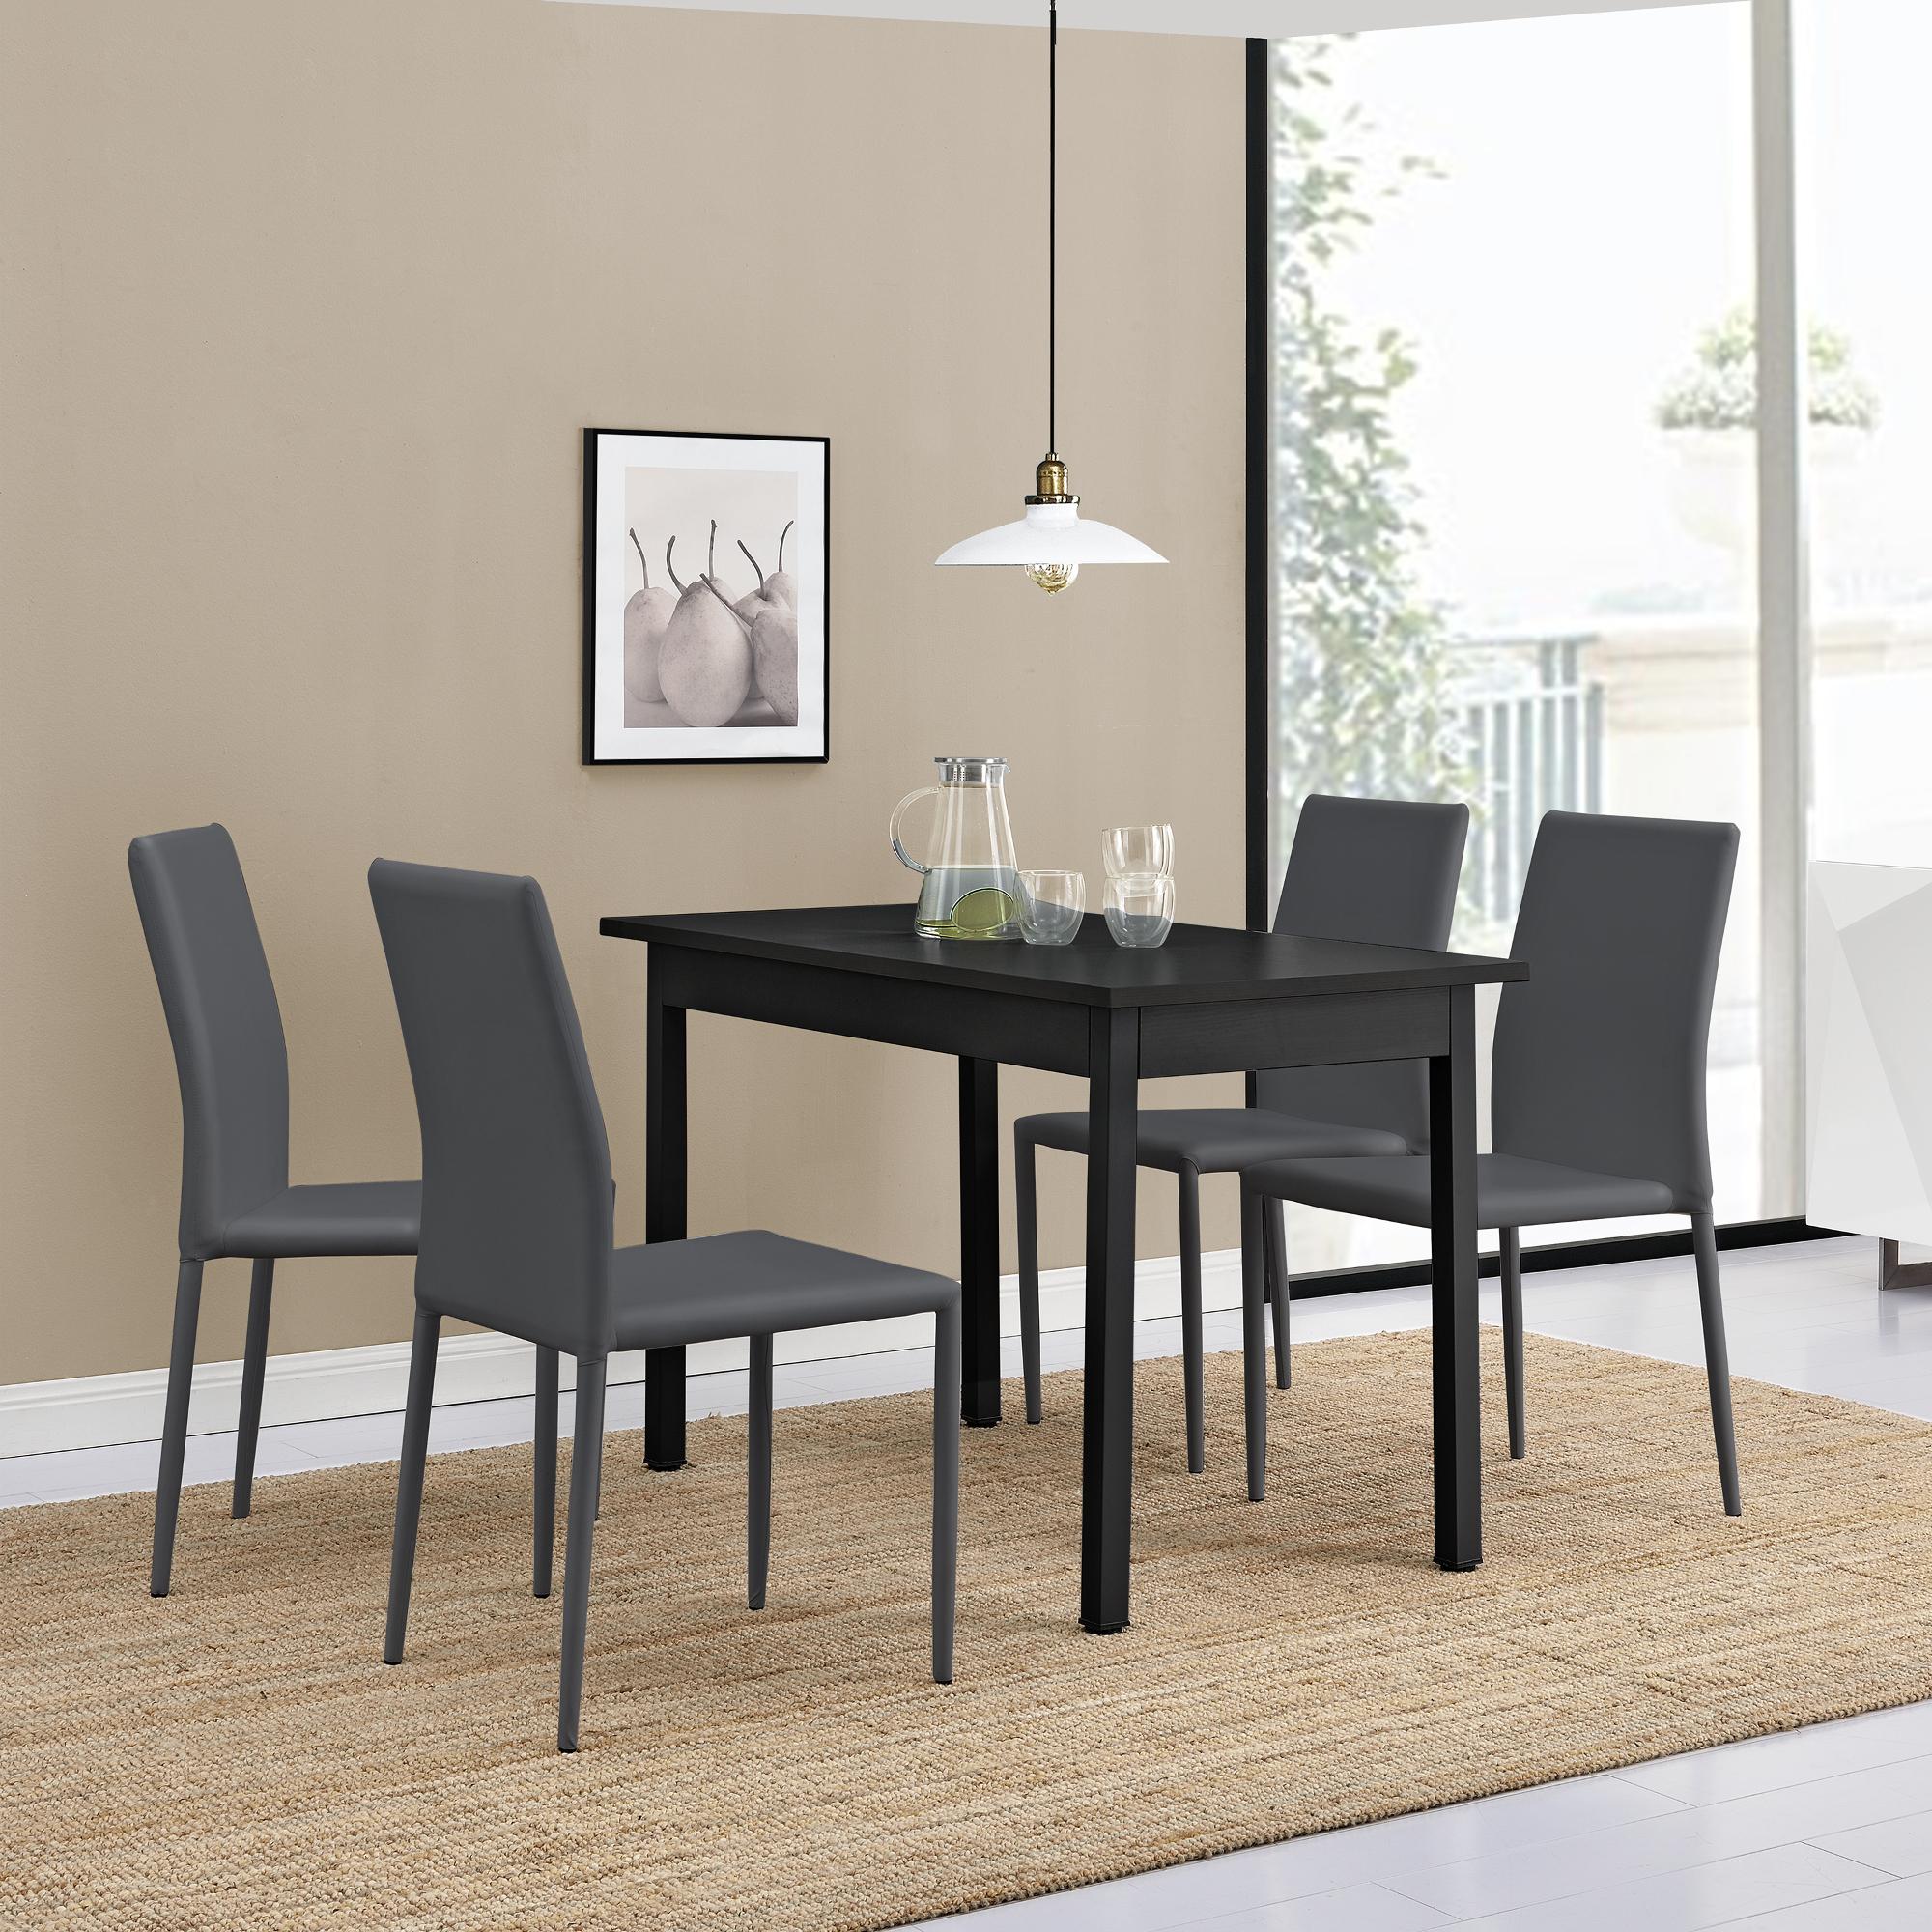 Tavolo da Pranzo con 4 Sedie Nero/Grigio 120x60 Cucina Sala | eBay